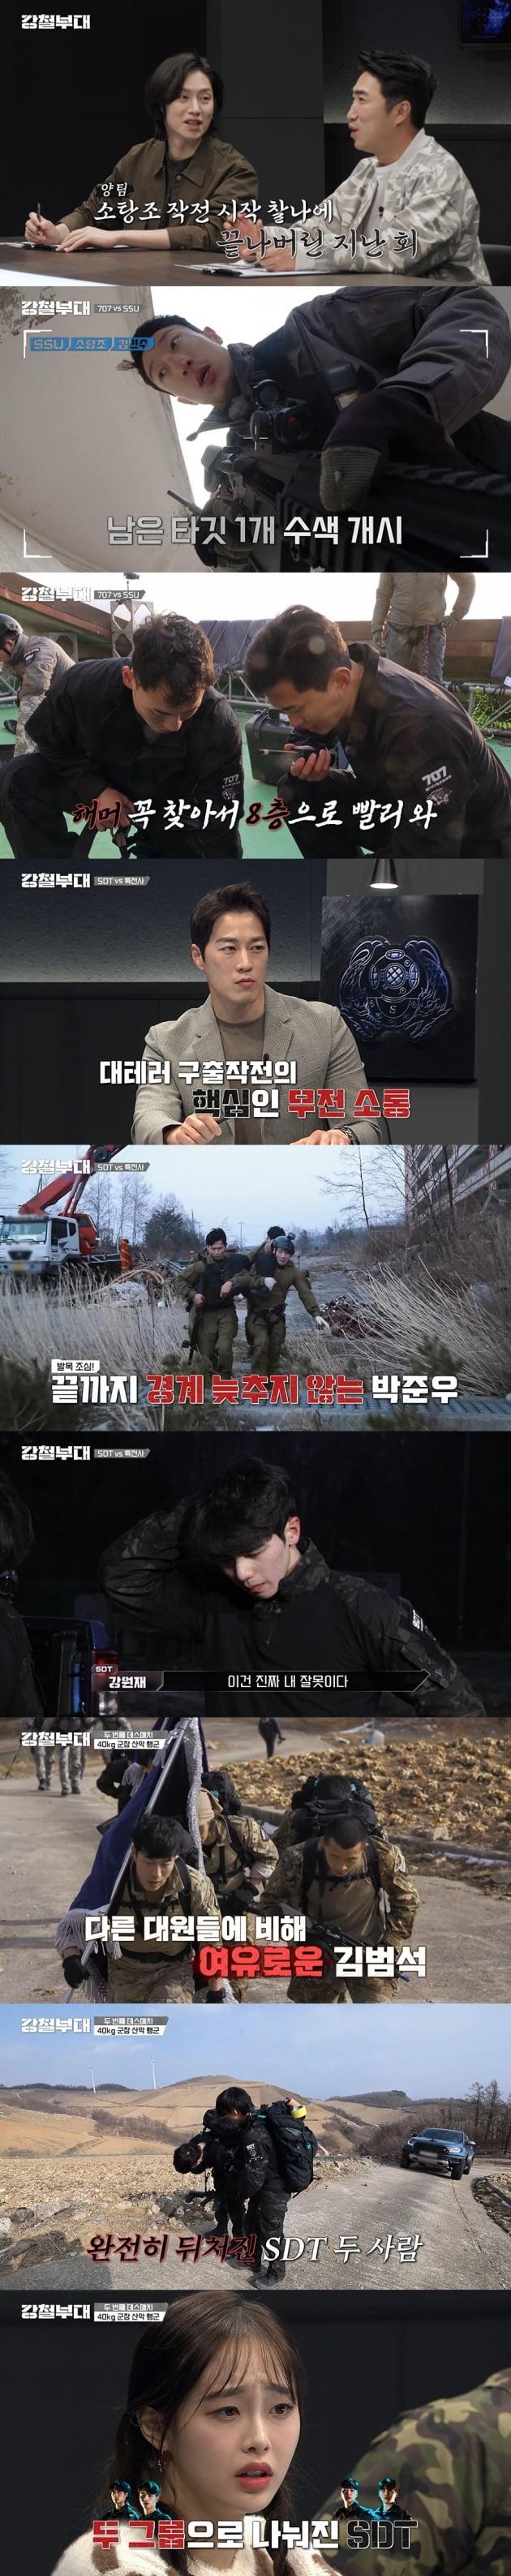 '강철부대' 자체 최고 시청률 경신 /사진=채널A, SKY